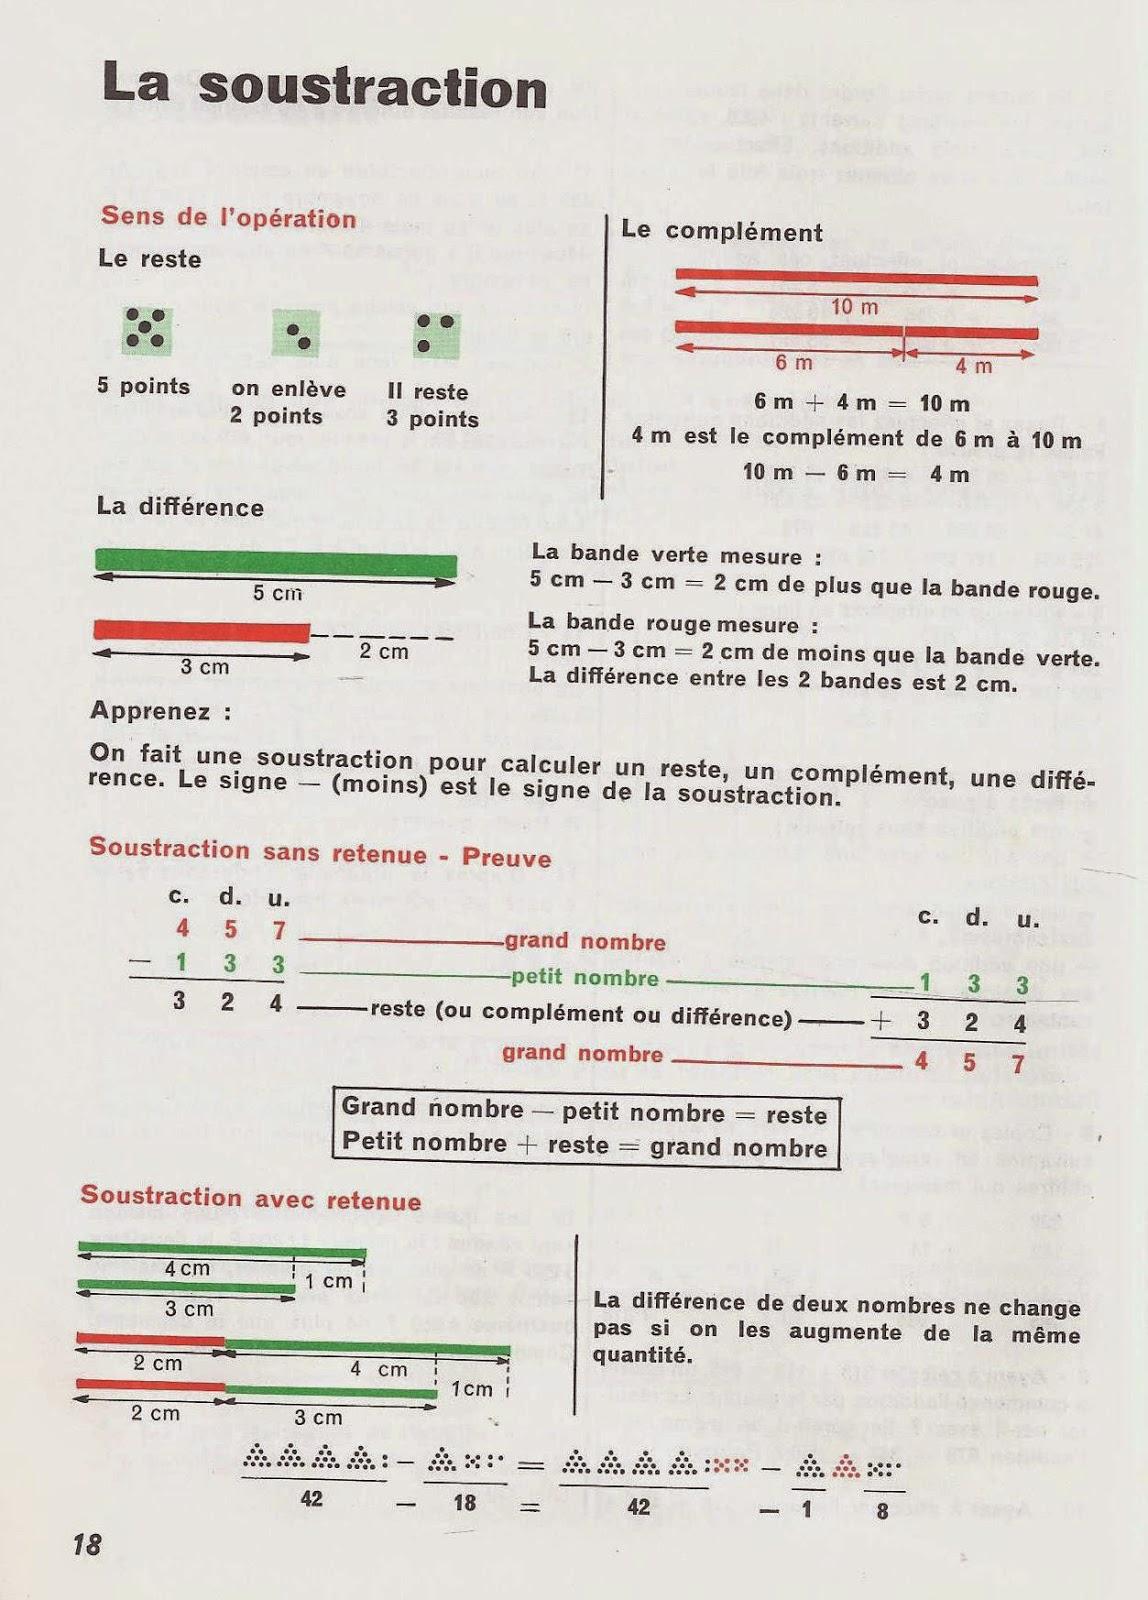 Tâche complexes addition soustraction sixieme Adam%2C%2BGozou%2C%2BArithm%C3%A9tique%2BCM%2B1969-0018